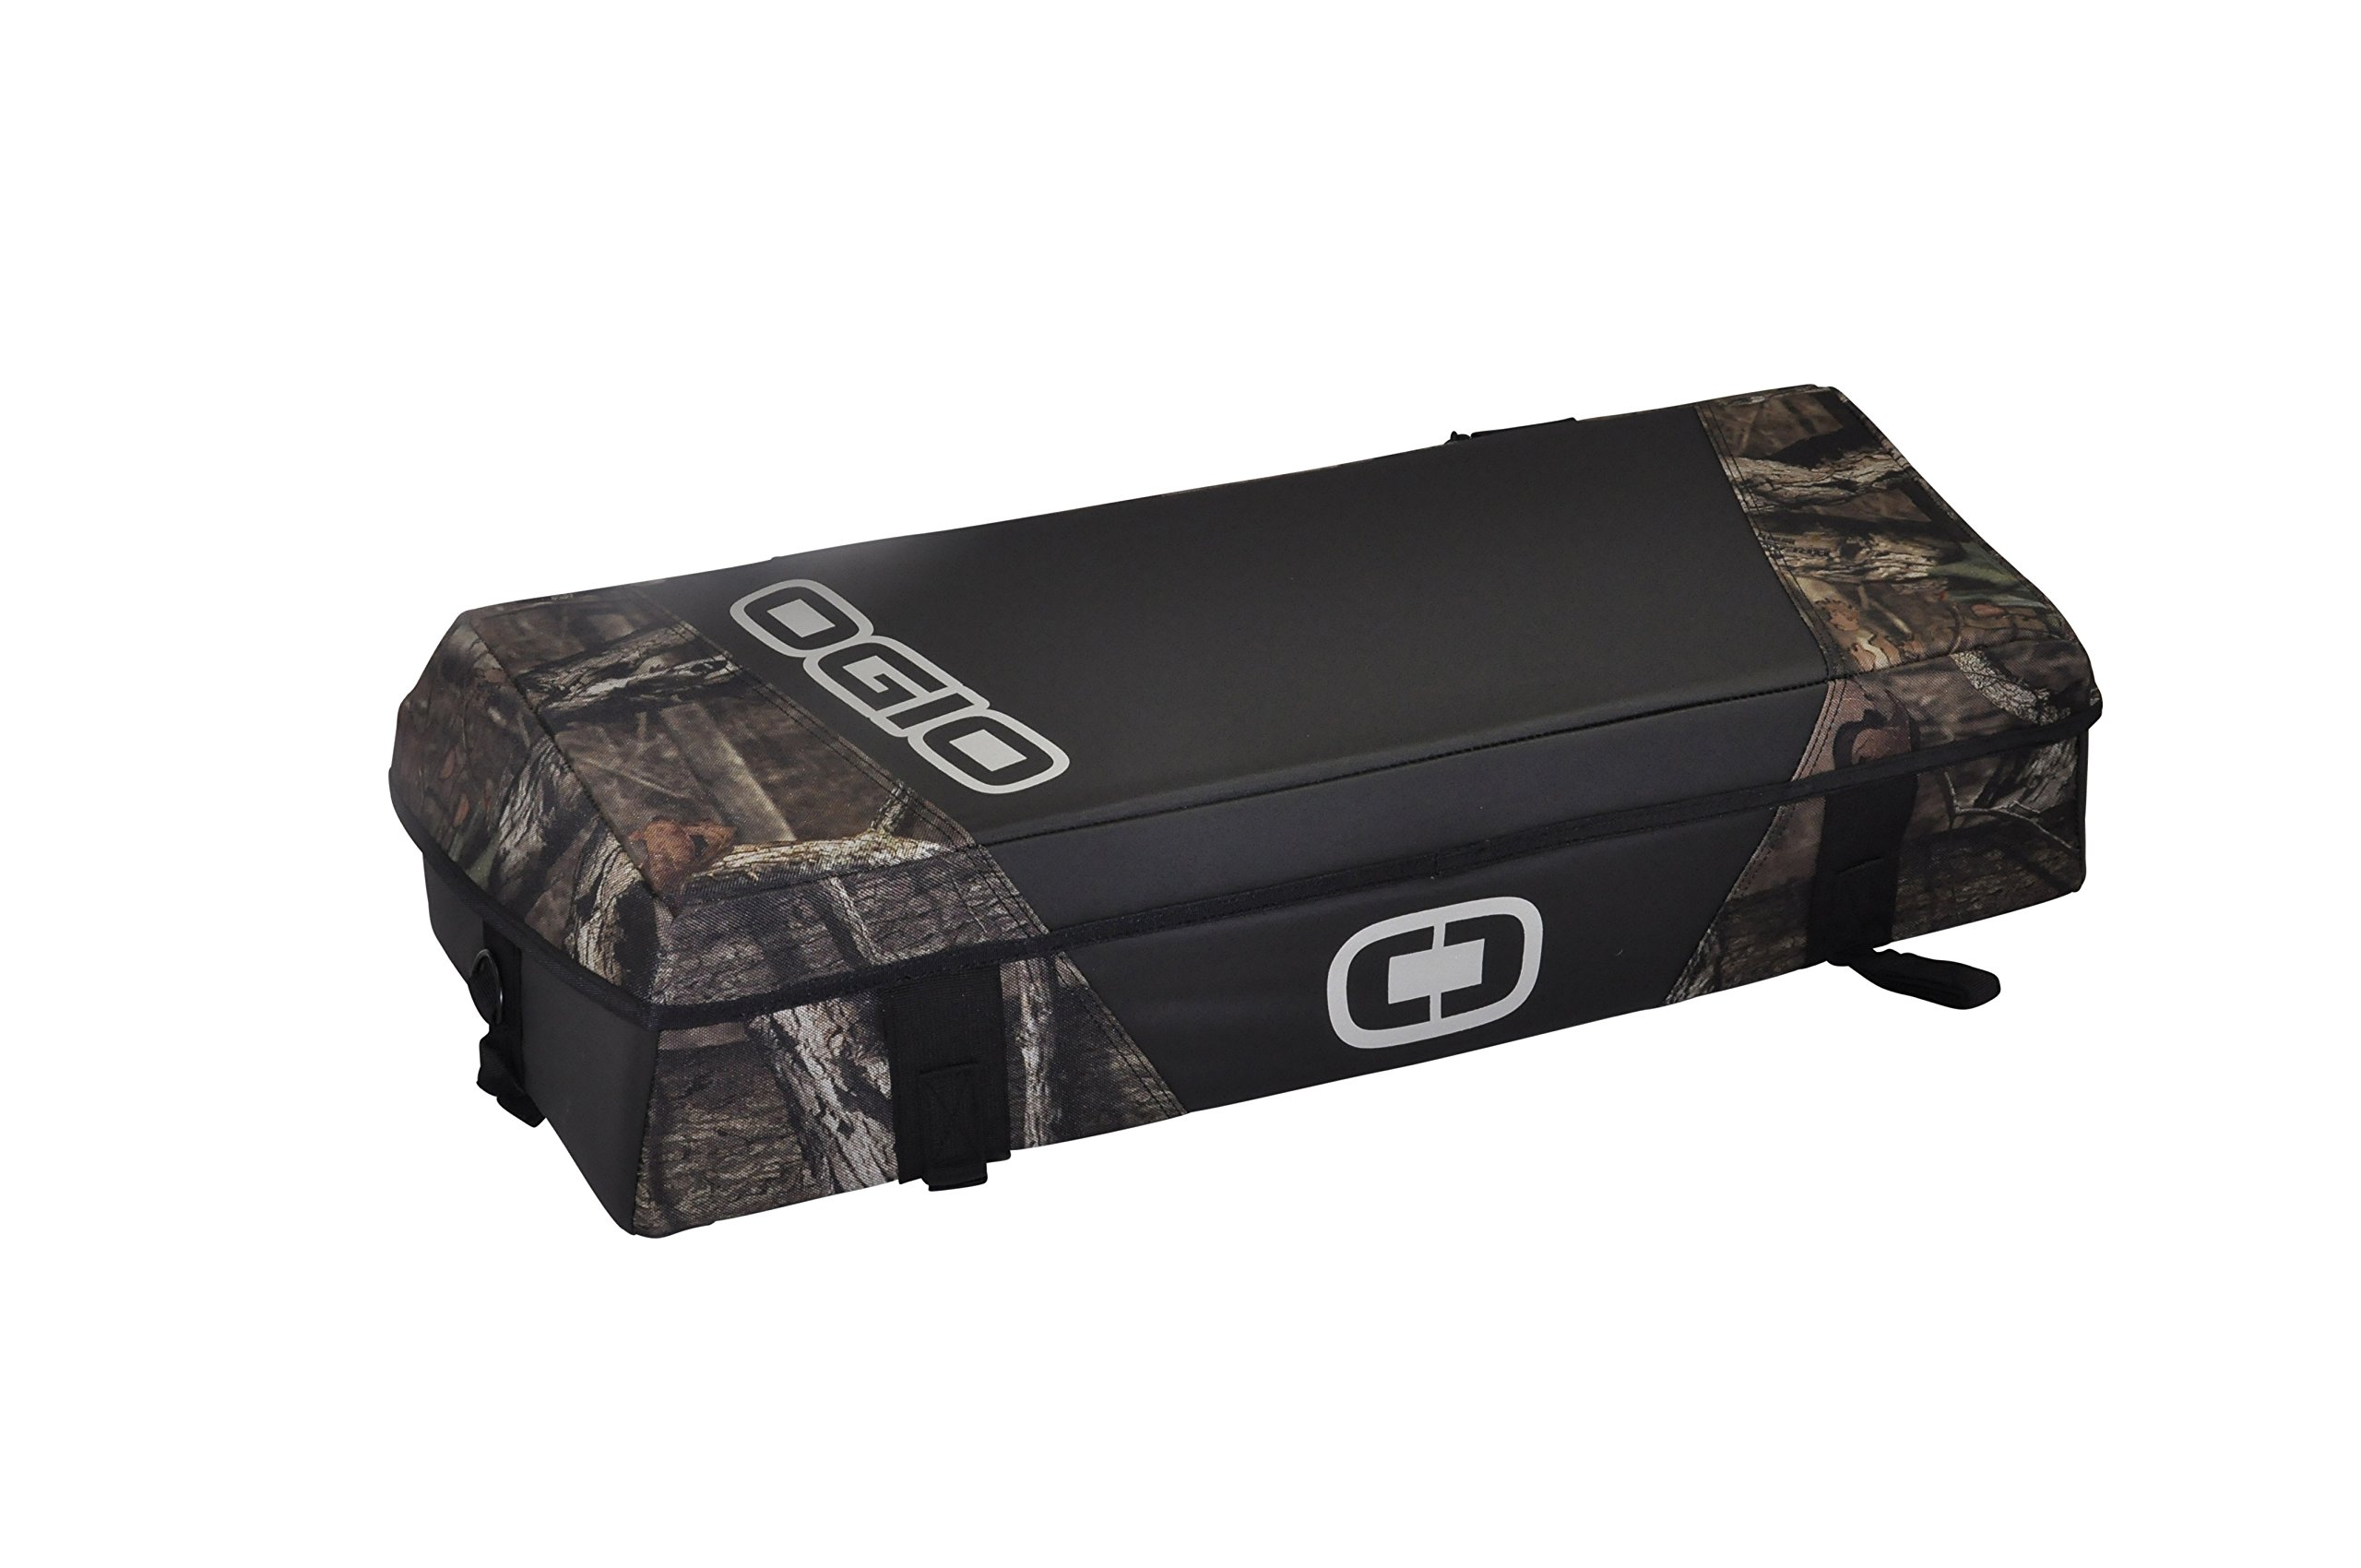 OGIO 119002.427 Mossy Oak Burro Front ATV Bag - Camo